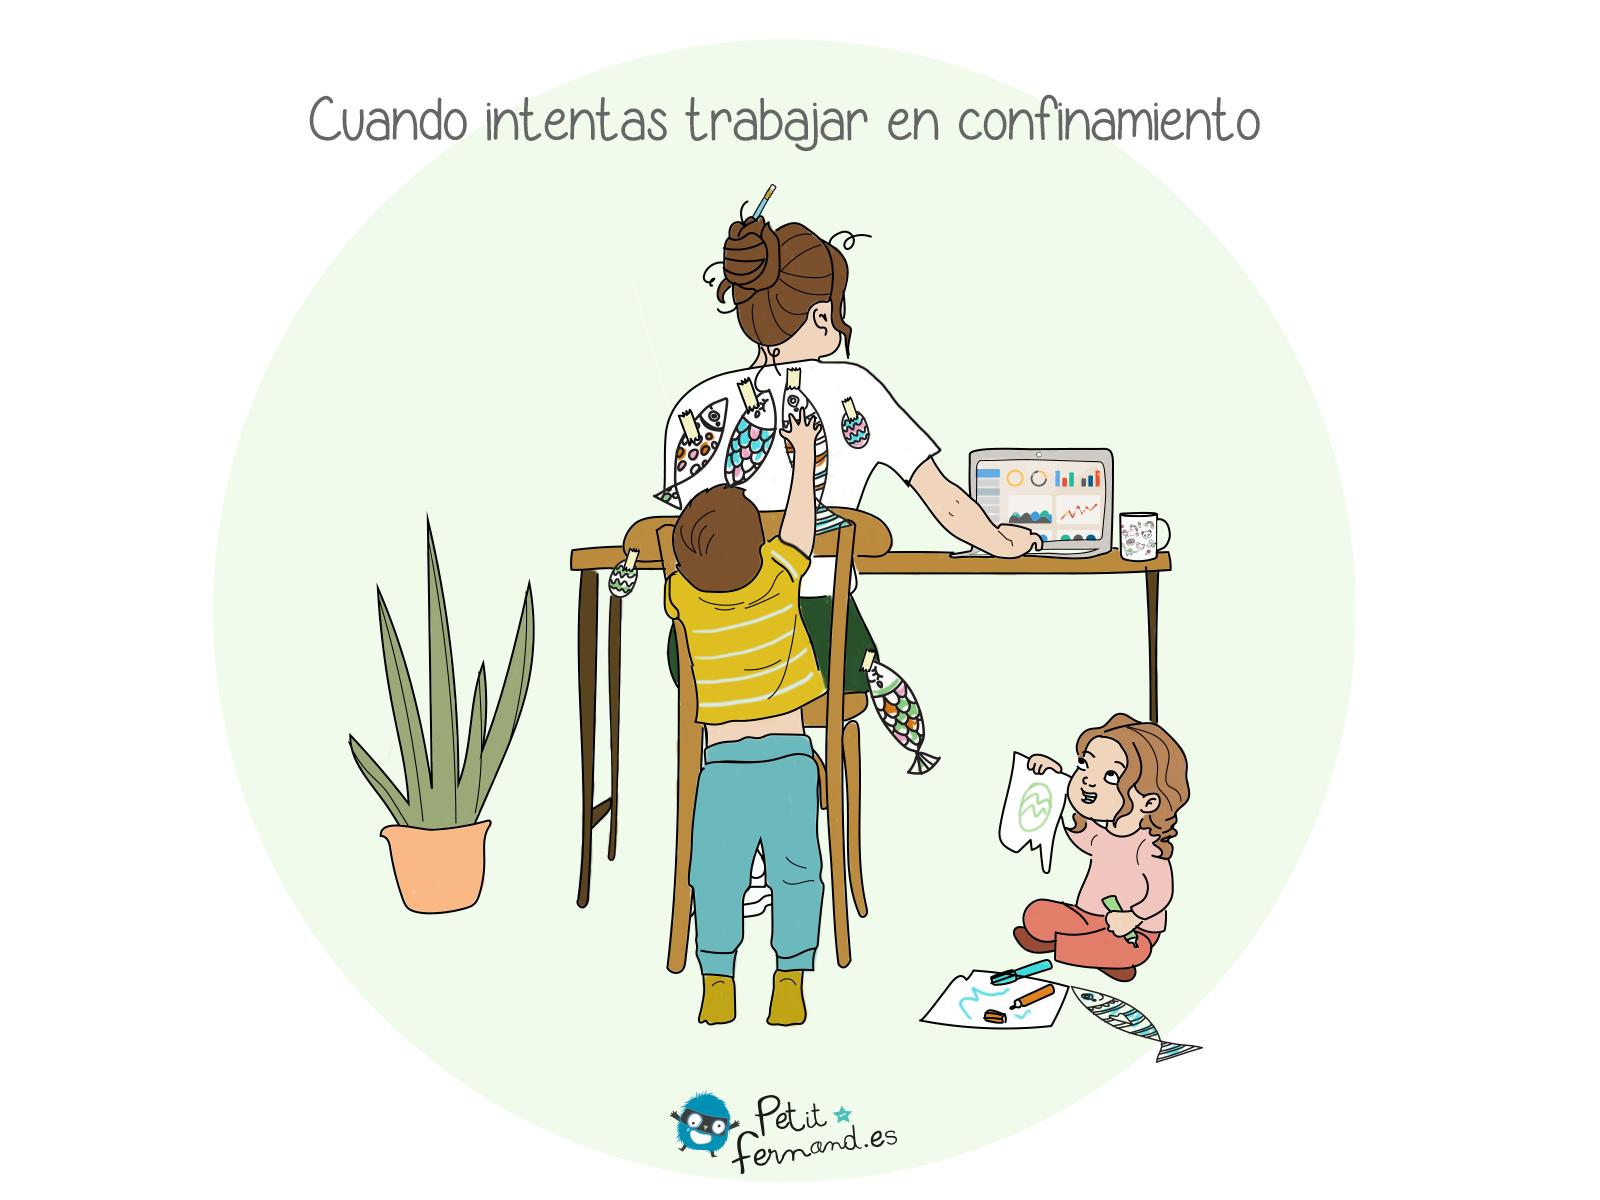 : Todos los padres ahora saben que trabajar en remoto no es compatible con cuidar los niños!